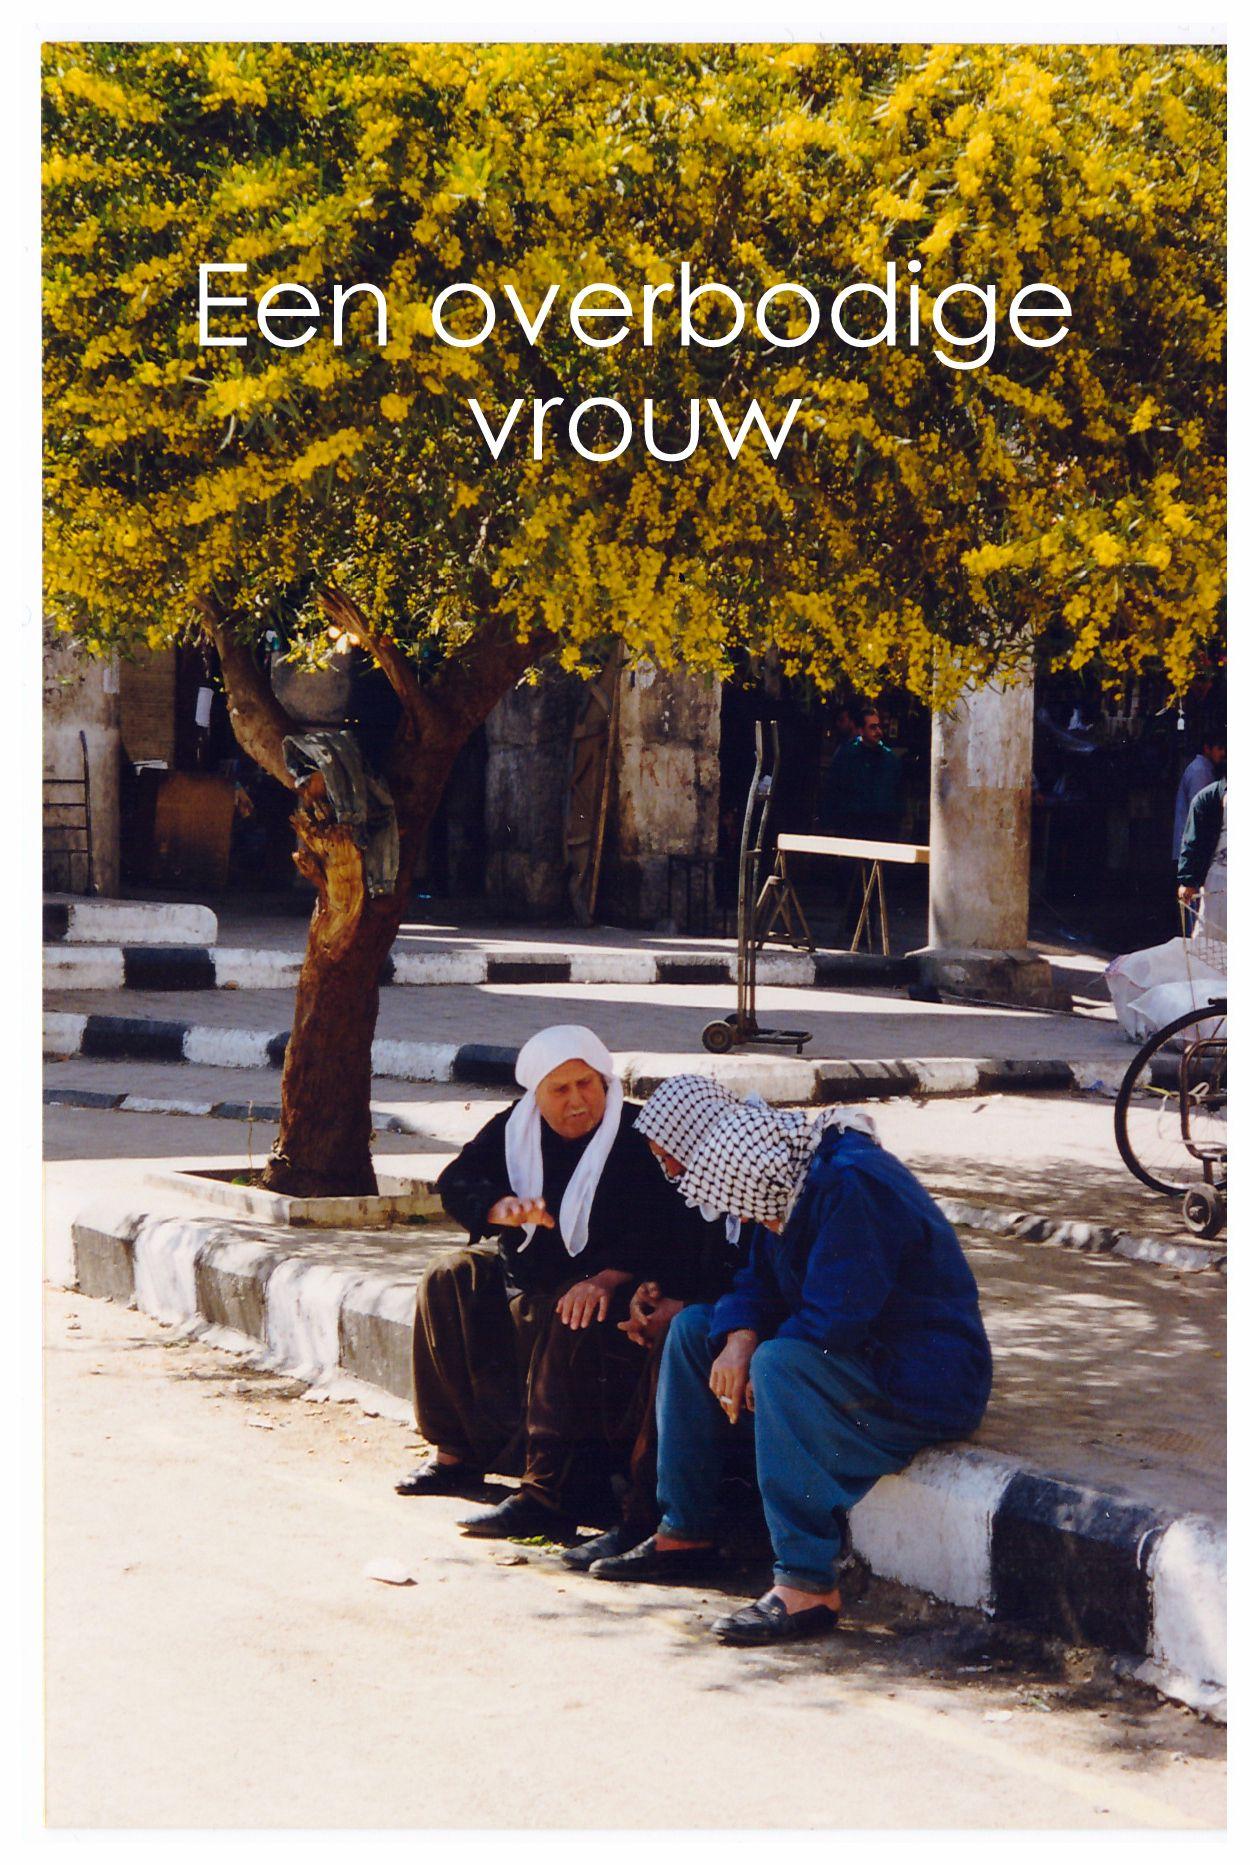 De van oorsprong Libanese auteur Alameddine heeft een hartverscheurende roman geschreven die zich afspeelt te midden van de verschrikkingen van Beiroet. Een adembenemend portret van een teruggetrokken vrouw die lijdt aan een 'late-life crisis'. Aaliya is goddeloos, vaderloos, kinderloos en gescheiden. Ze is de spreekwoordelijke appendix van haar familie. Haar grote en enige liefde is de literatuur.